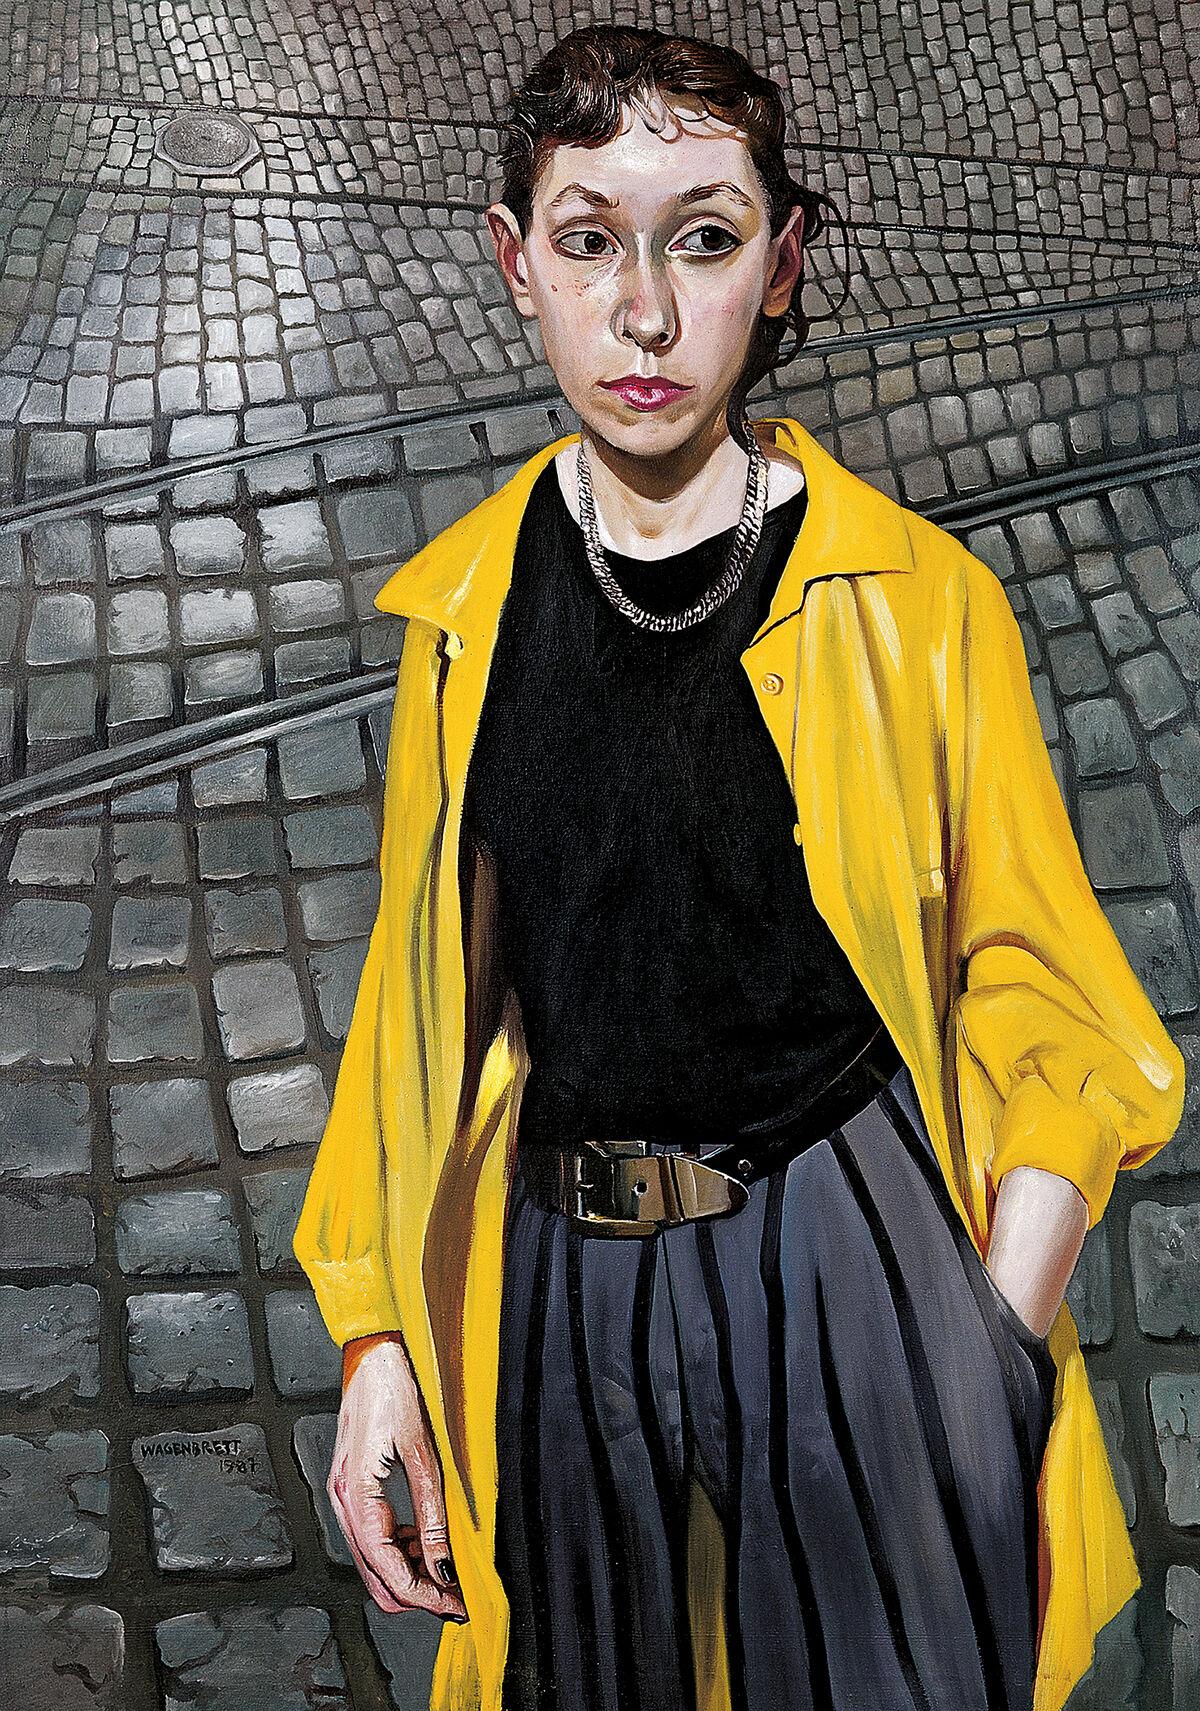 Norbert Wagenbrett, Mädchen auf der Strasse (Girl on the Street), 1987. © VG Bild-Kunst Bonn 2020. Courtesy of the artist.